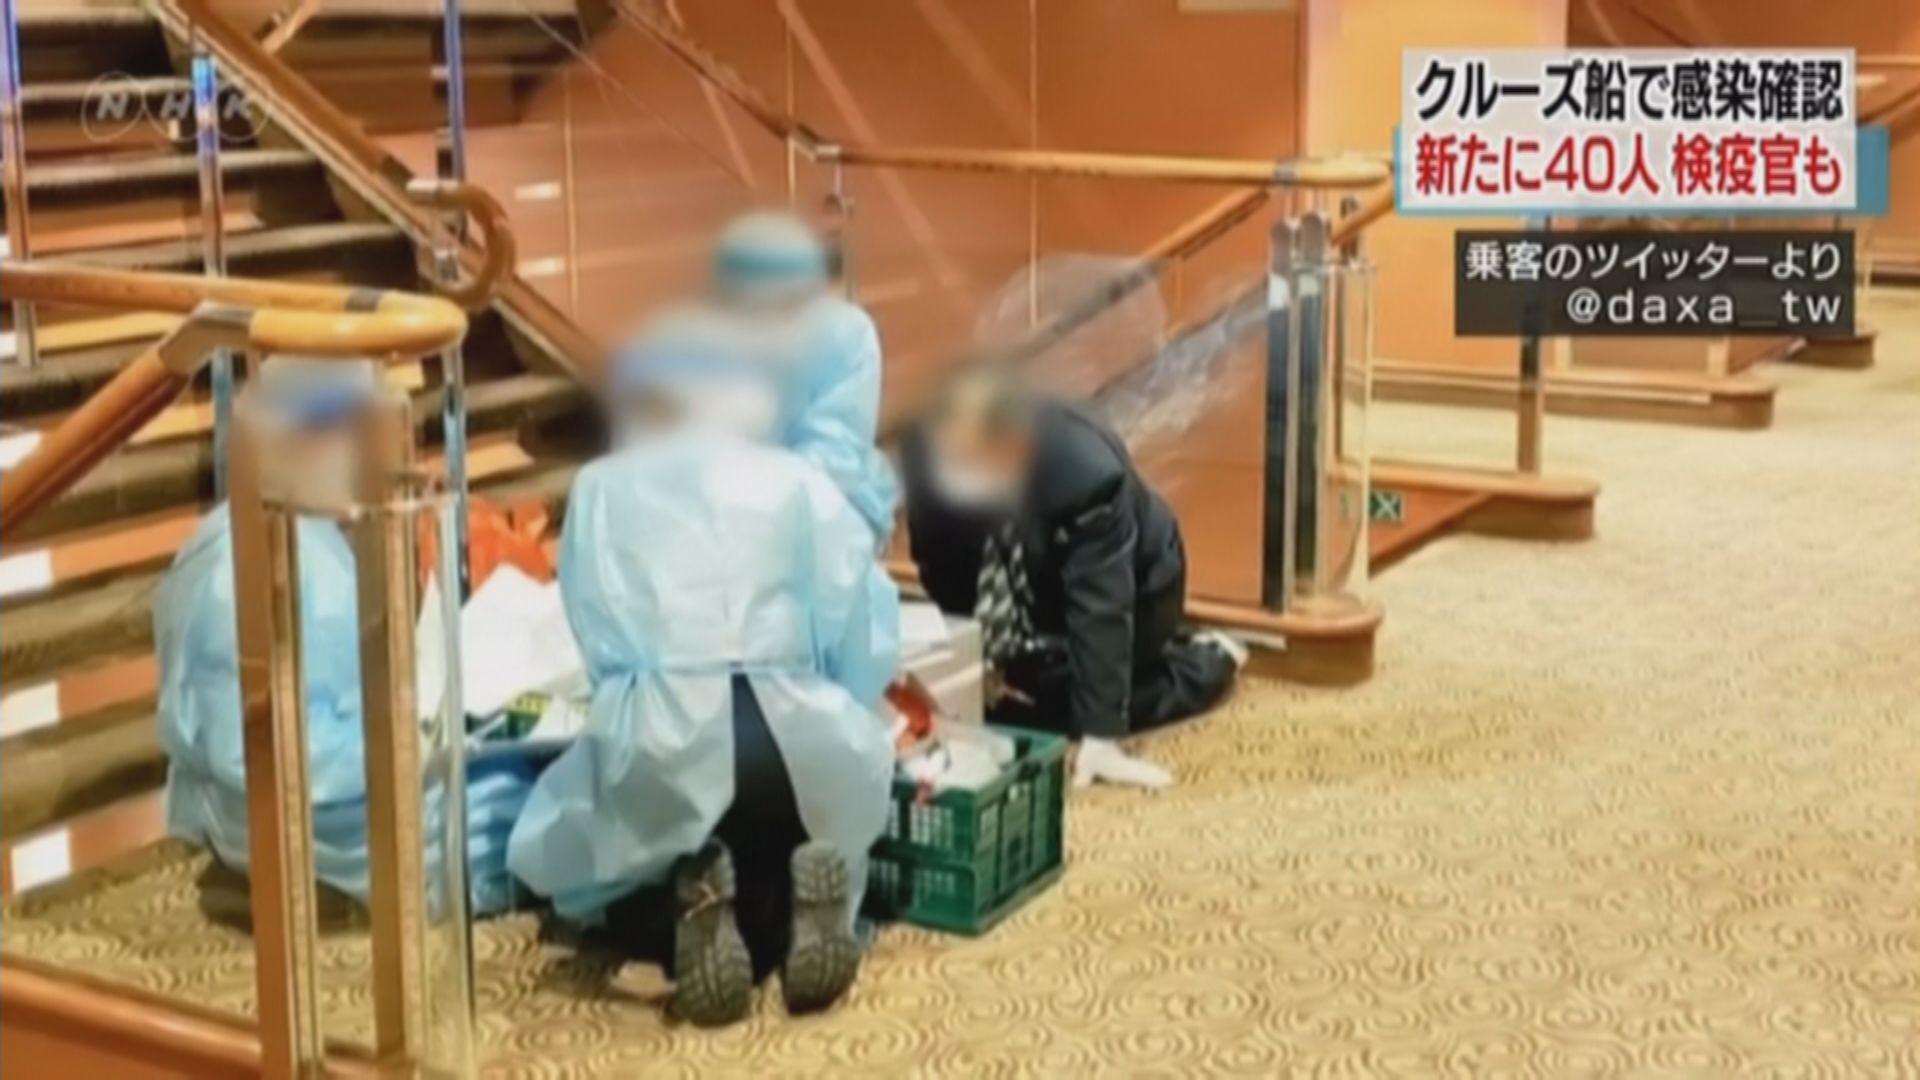 鑽石公主號一名檢疫官確診 日本累計逾200宗個案